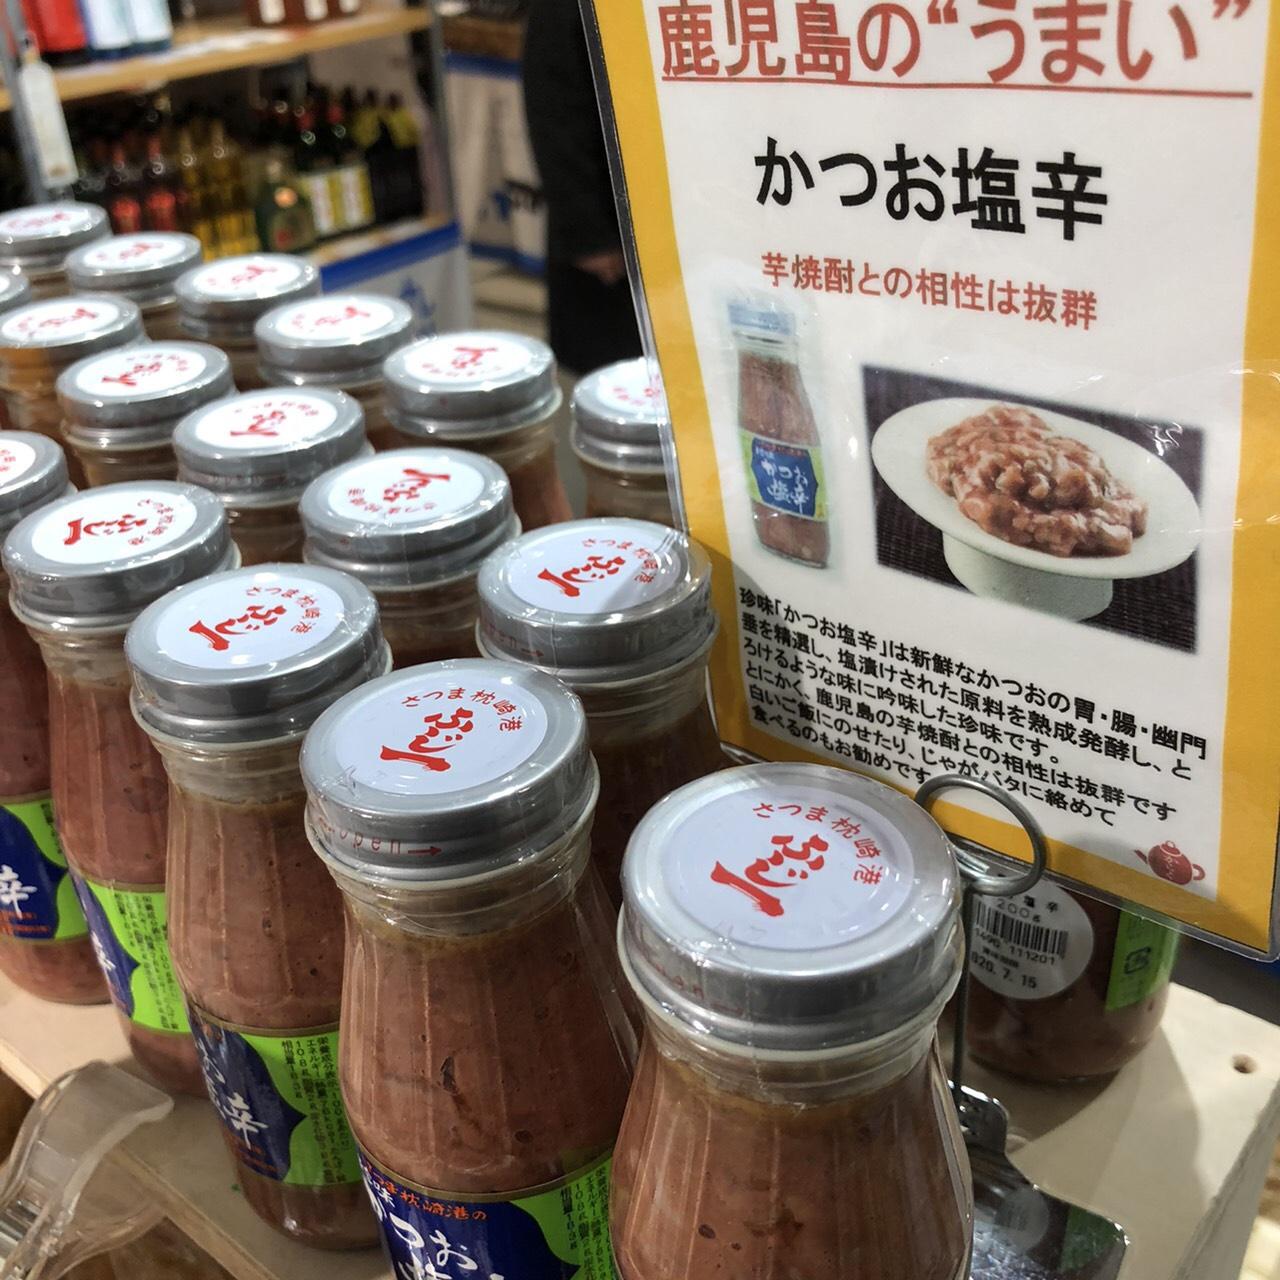 さつま枕崎港の珍味 かつお塩辛(富士一水産)